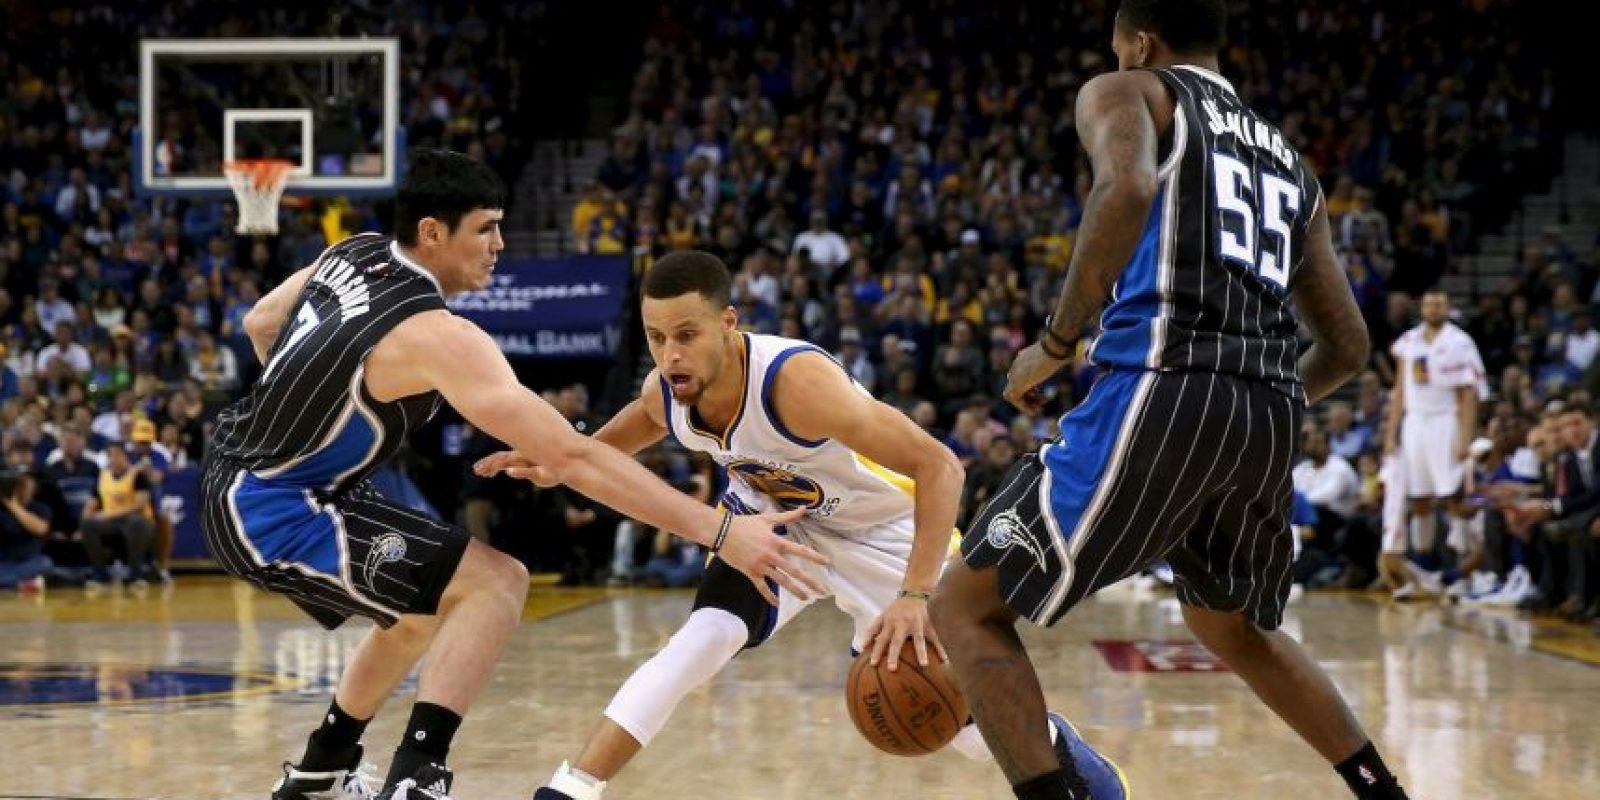 Deben ganar los tres juegos restantes para superar el récord de Jordan y los Bulls Foto:Getty Images. Imagen Por: